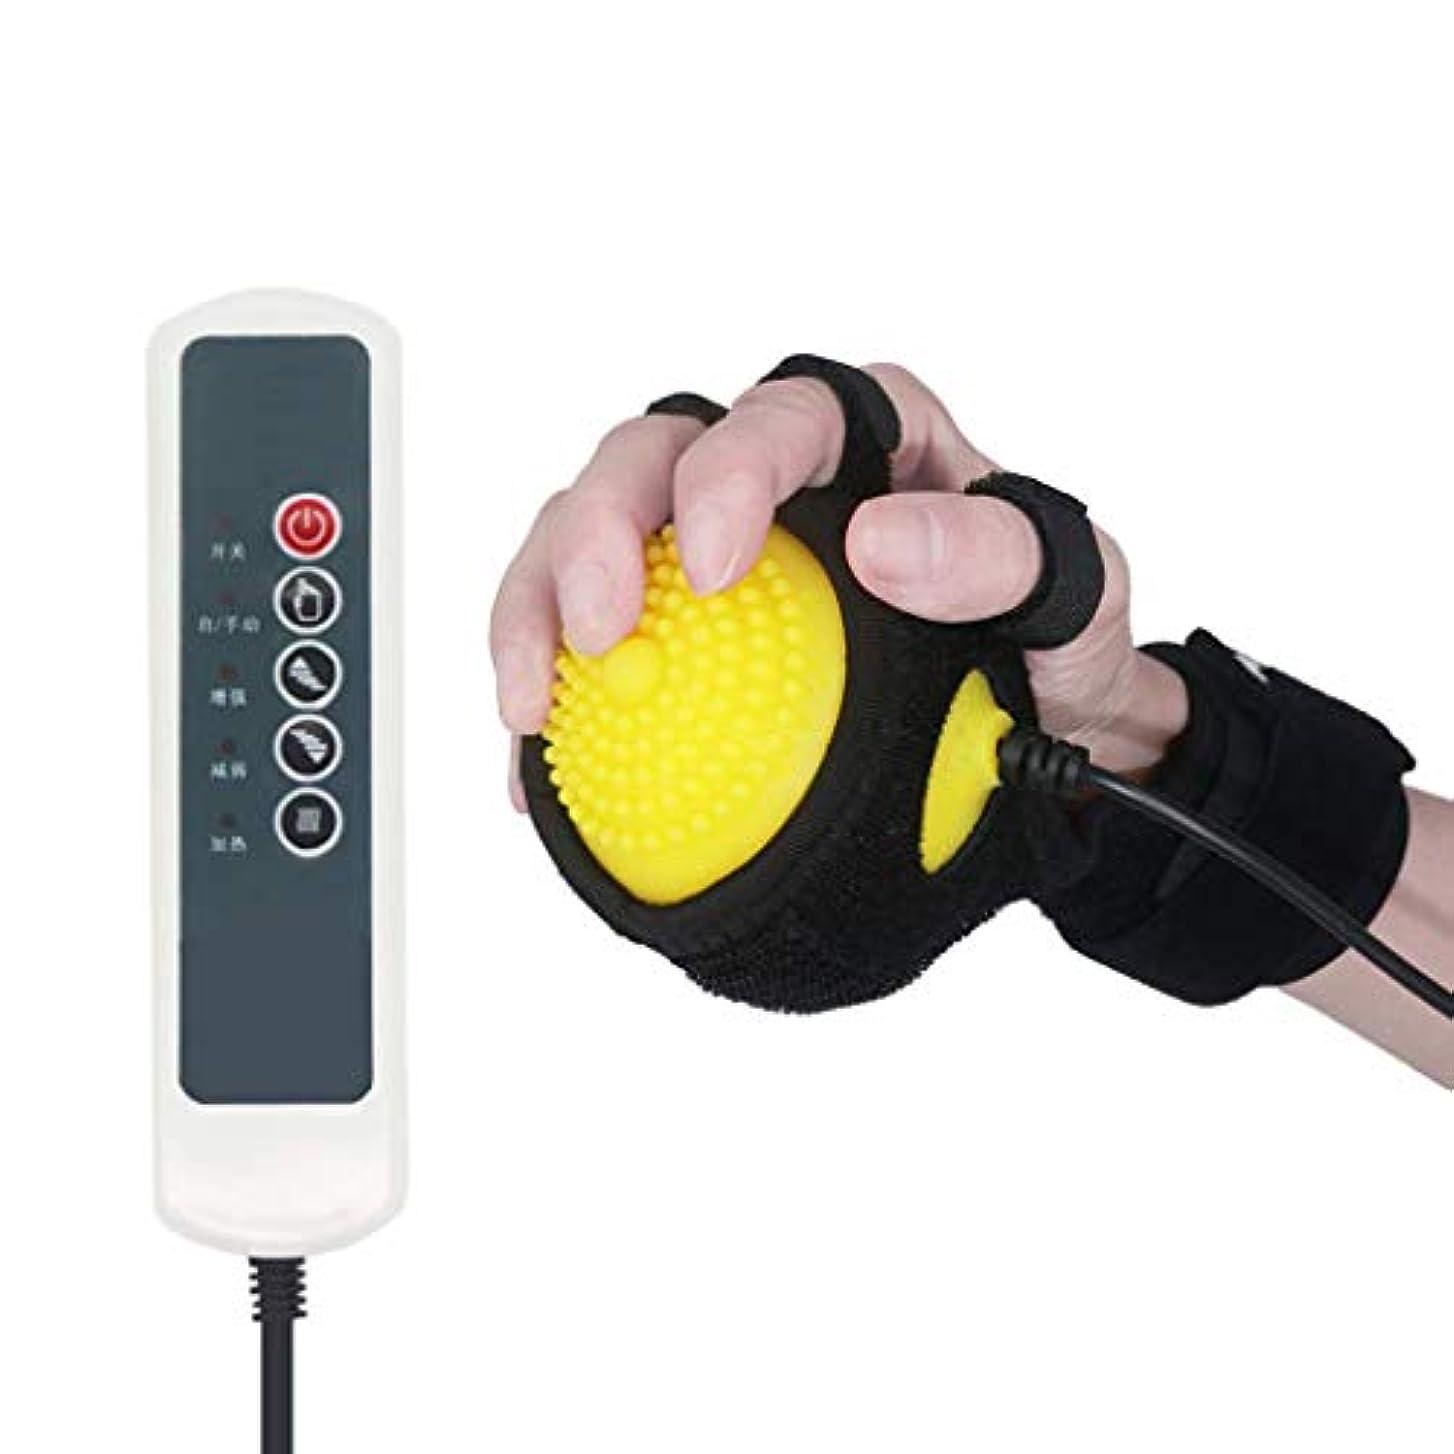 取得罰シート電気ホット圧縮脳卒中片麻痺指回復マッサージリハビリテーション受動トレーニング指屈曲矯正療法ボール